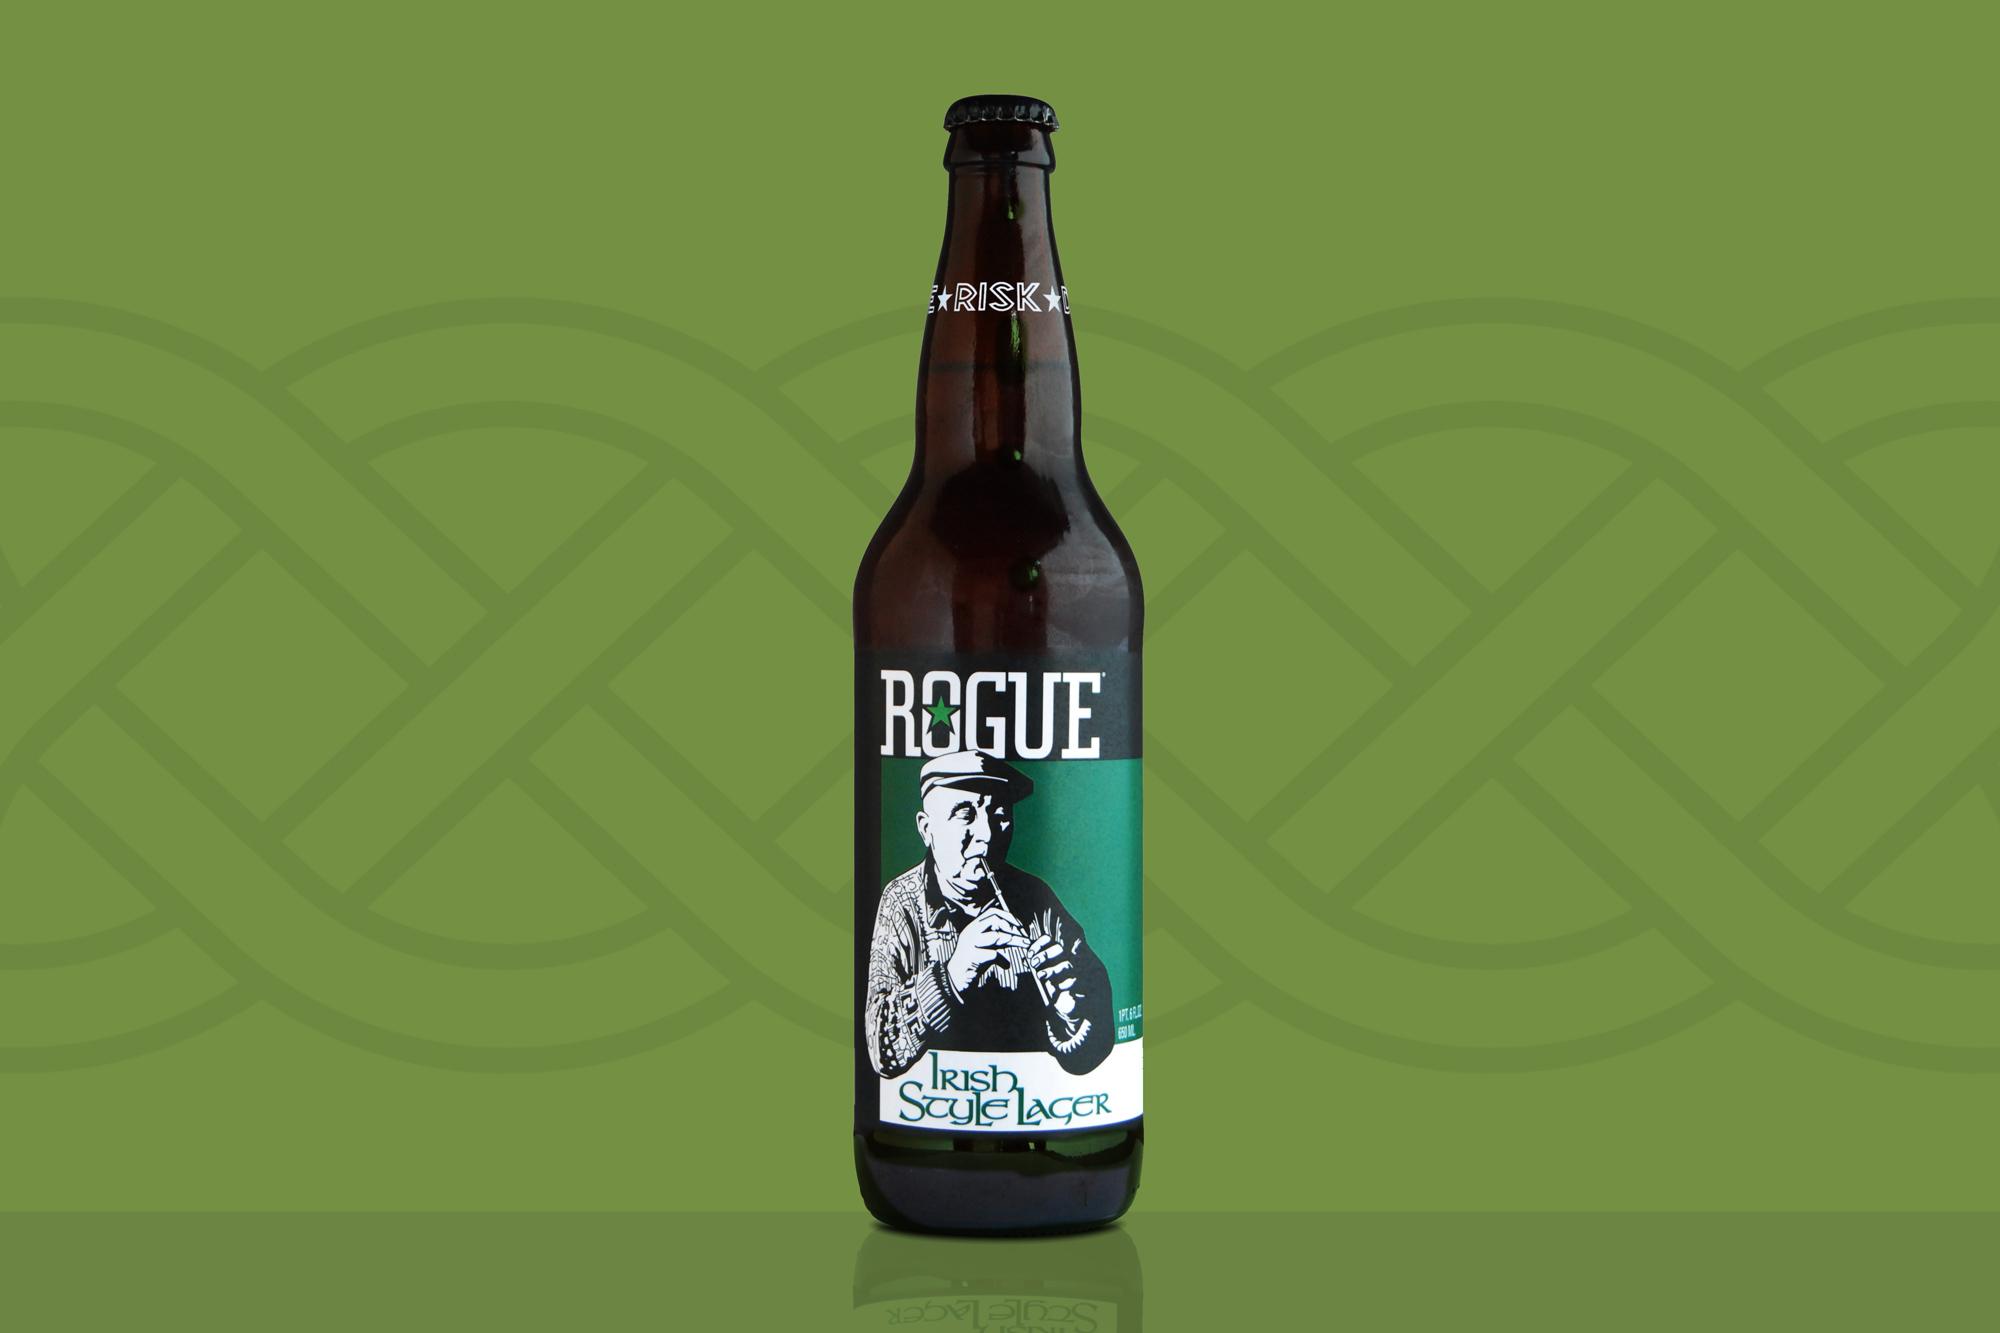 Rogue-Irish.jpg